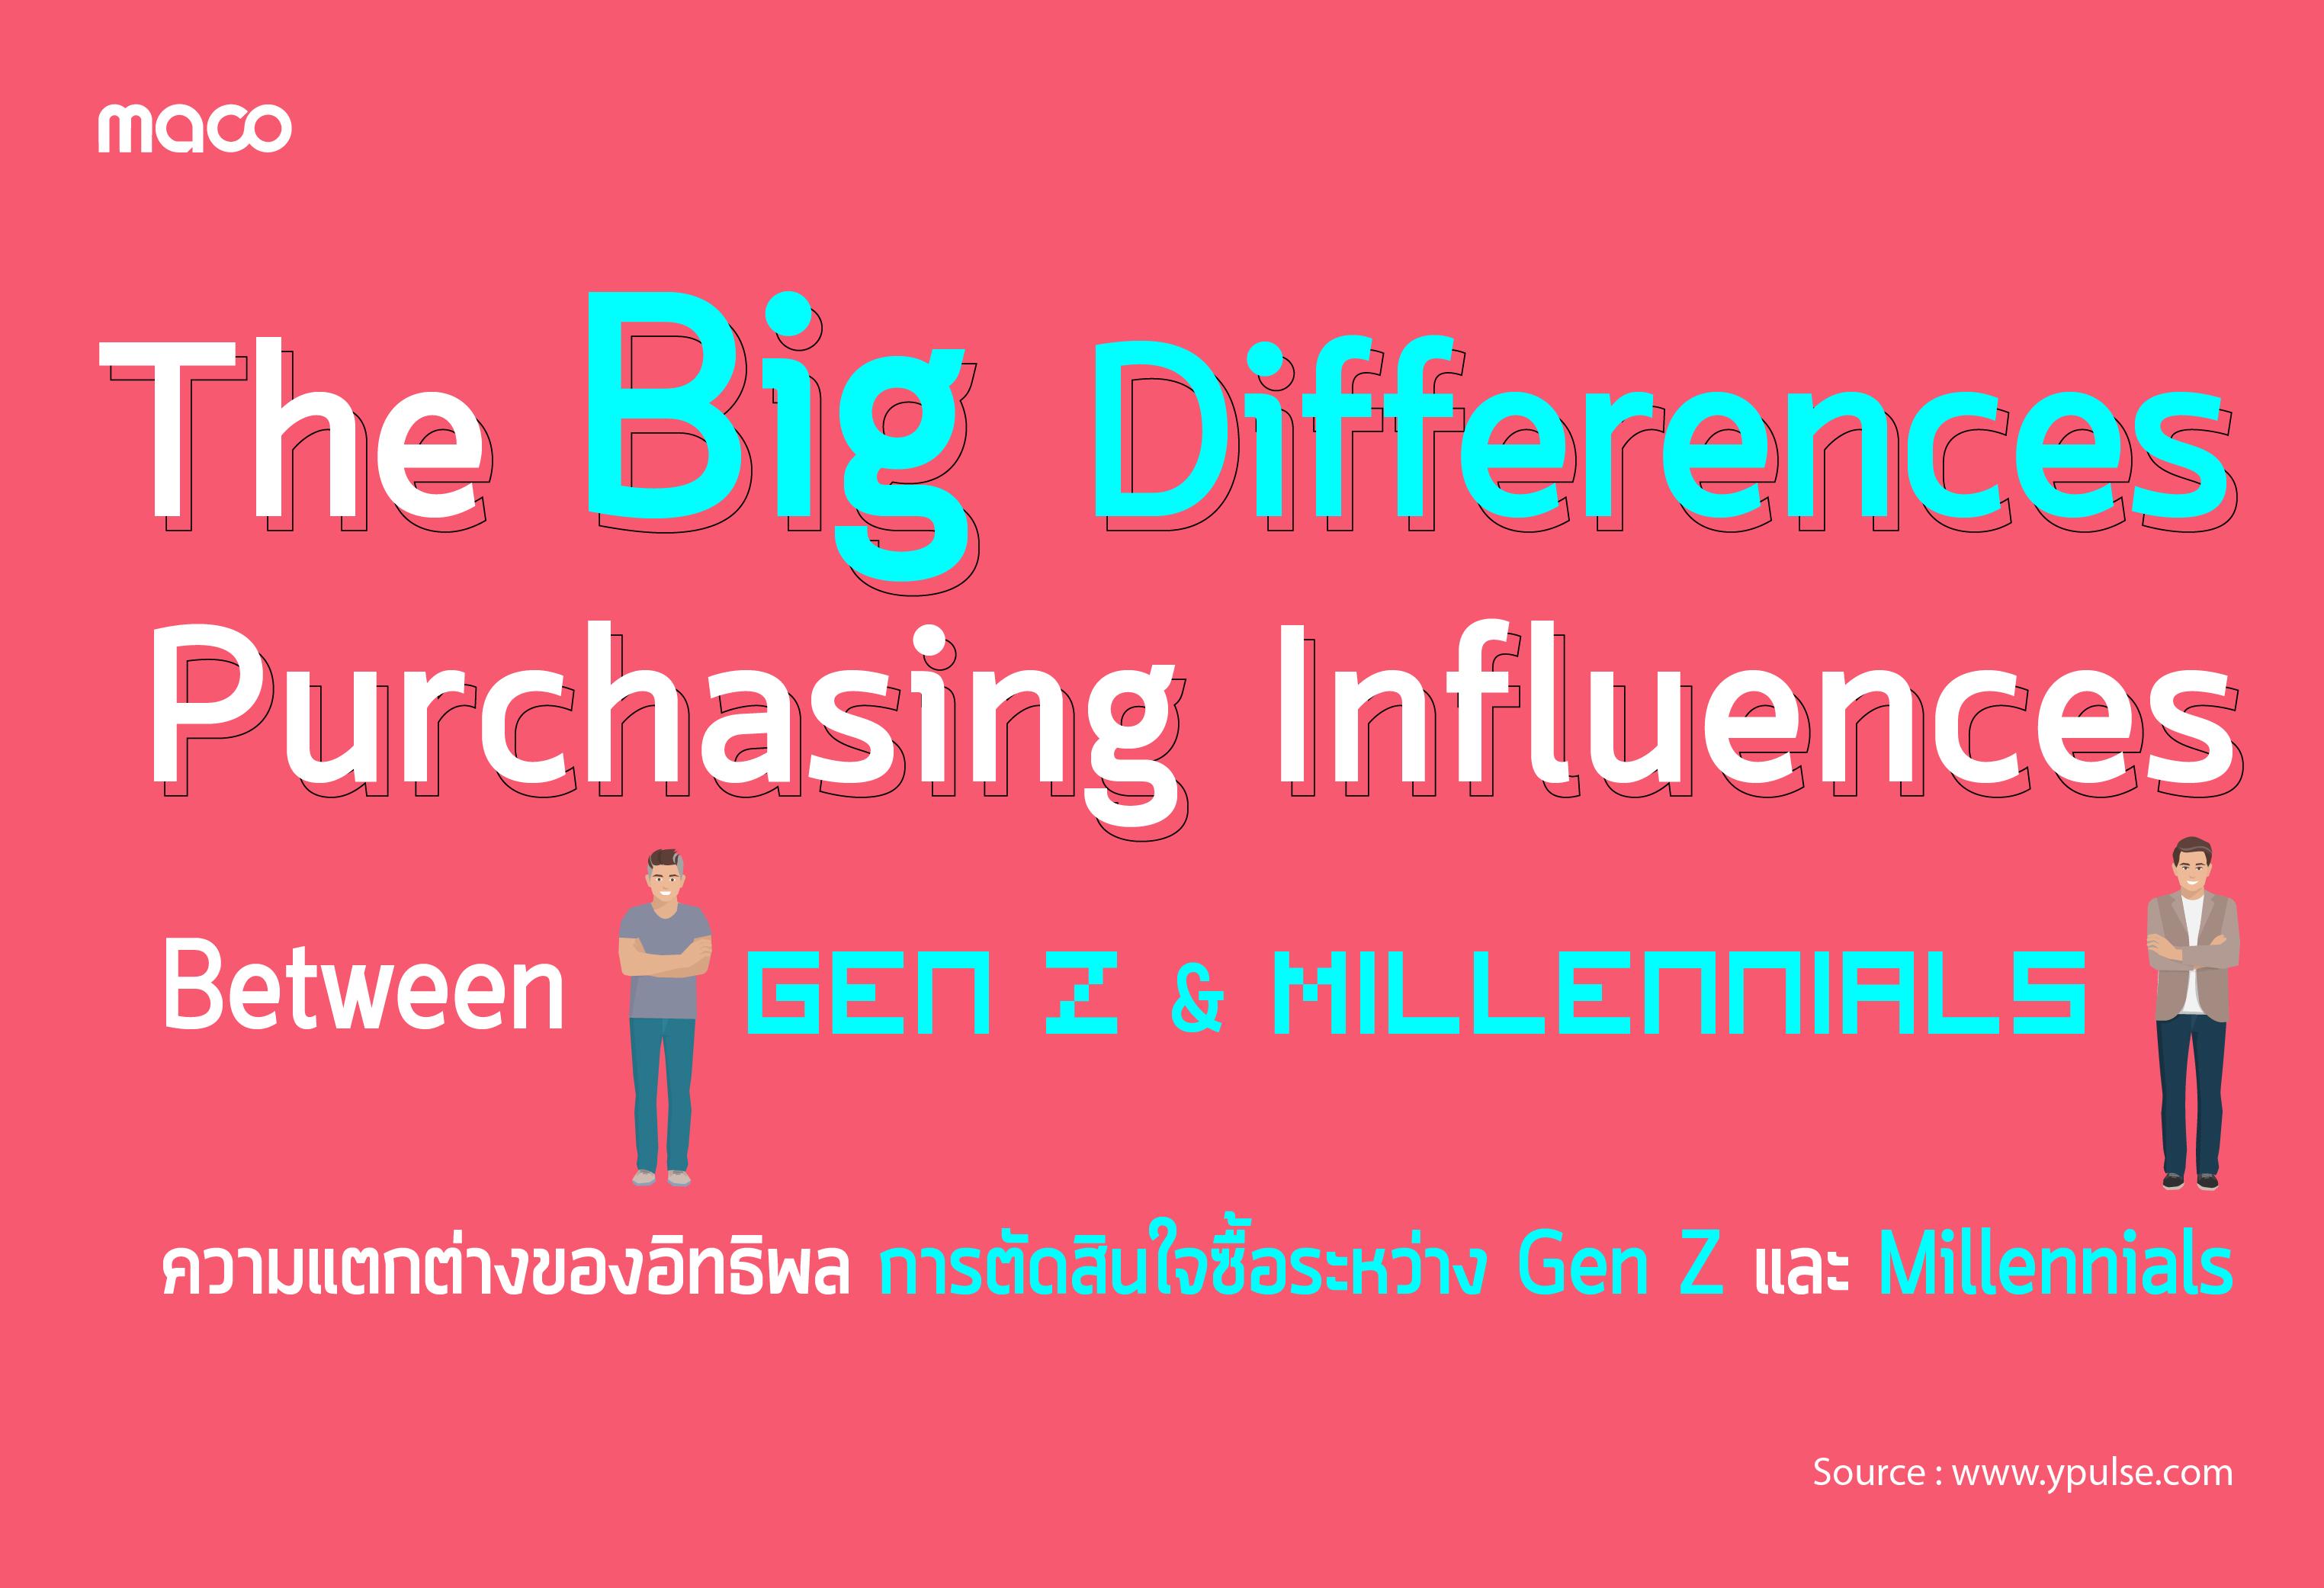 ความแตกต่างของอิทธิผลการตัดสินใจซื้อระหว่าง Gen Z และ Millennials